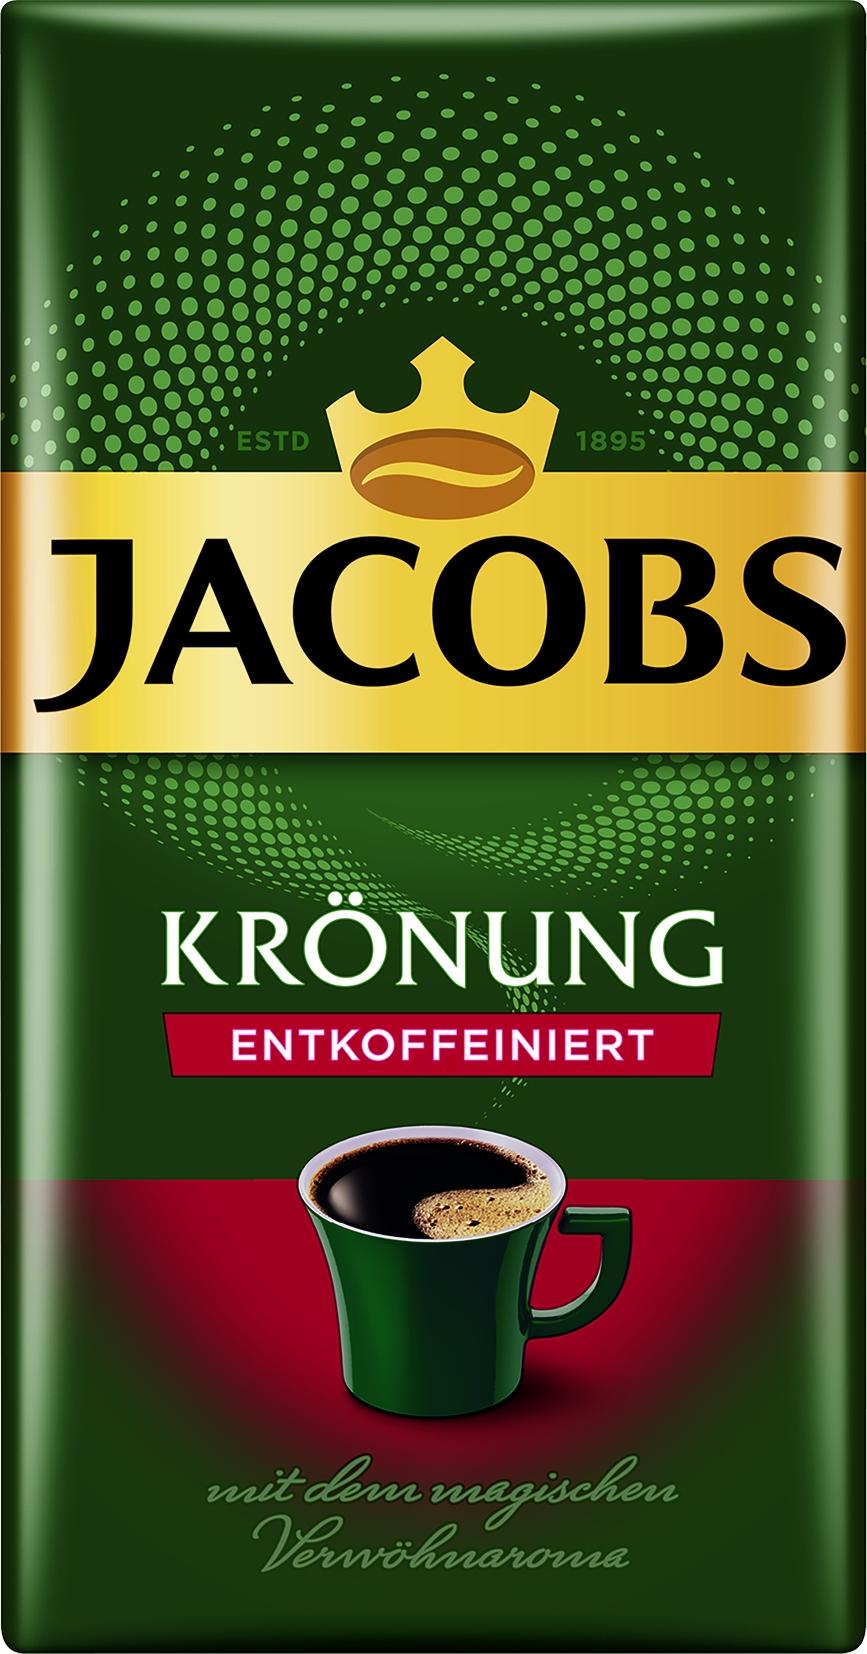 Krönung Kaffee entkoffeiniert gemahlen